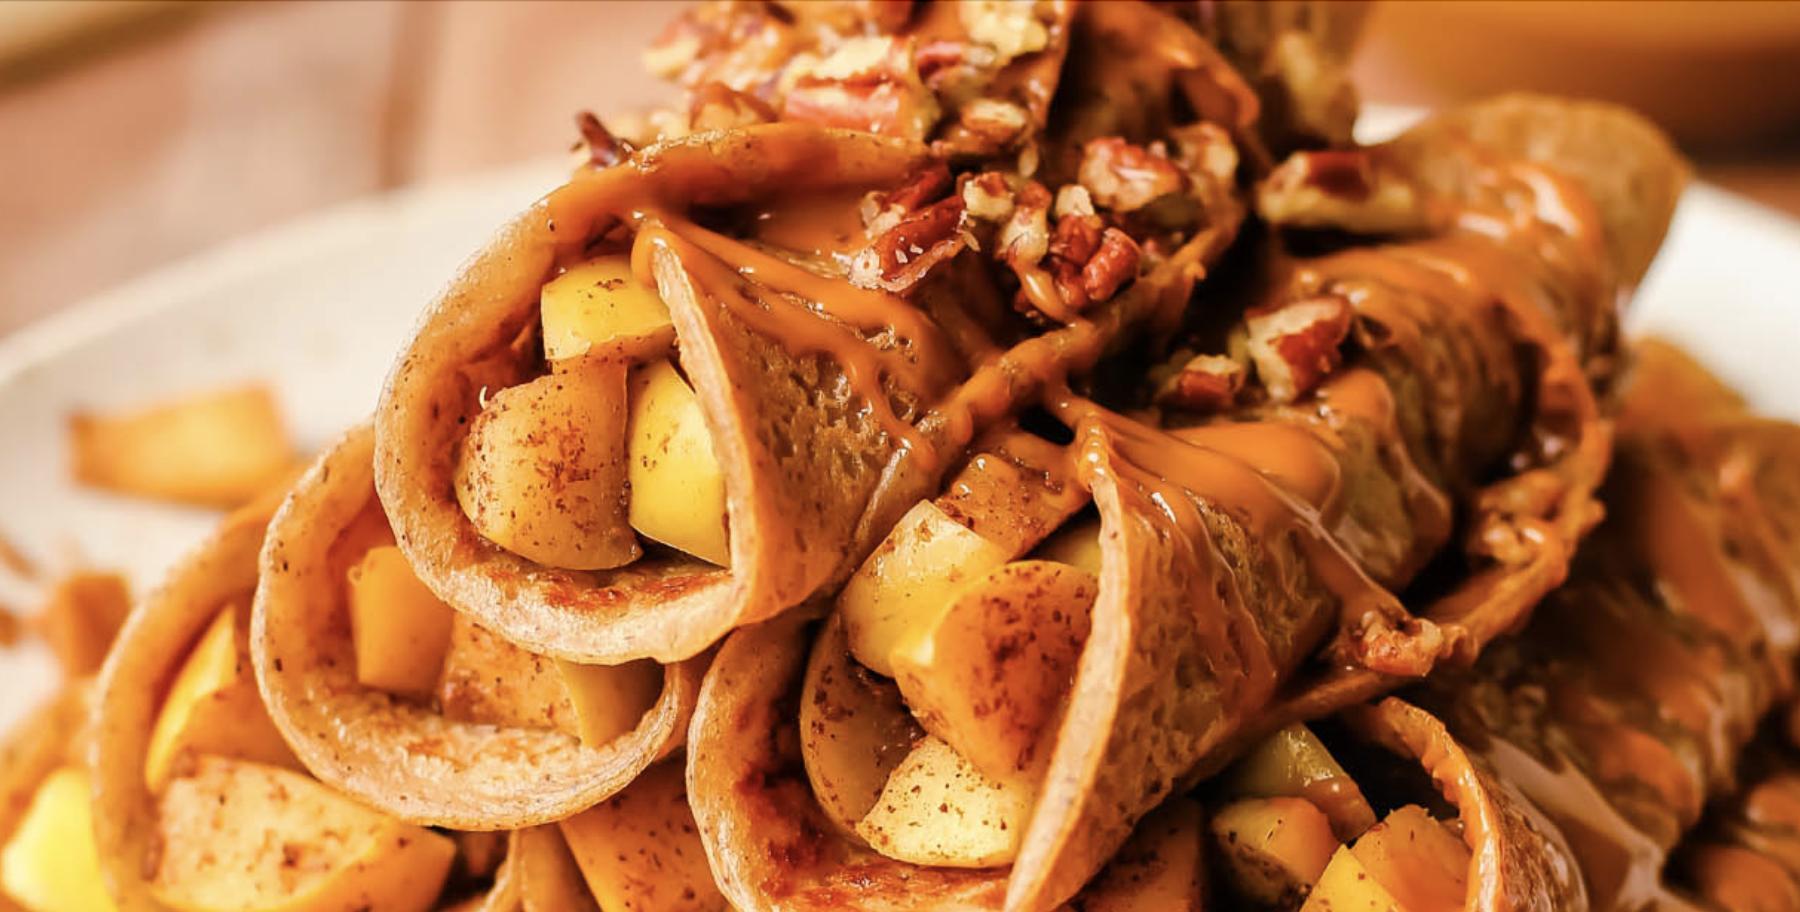 Cinnamon apple crêpes